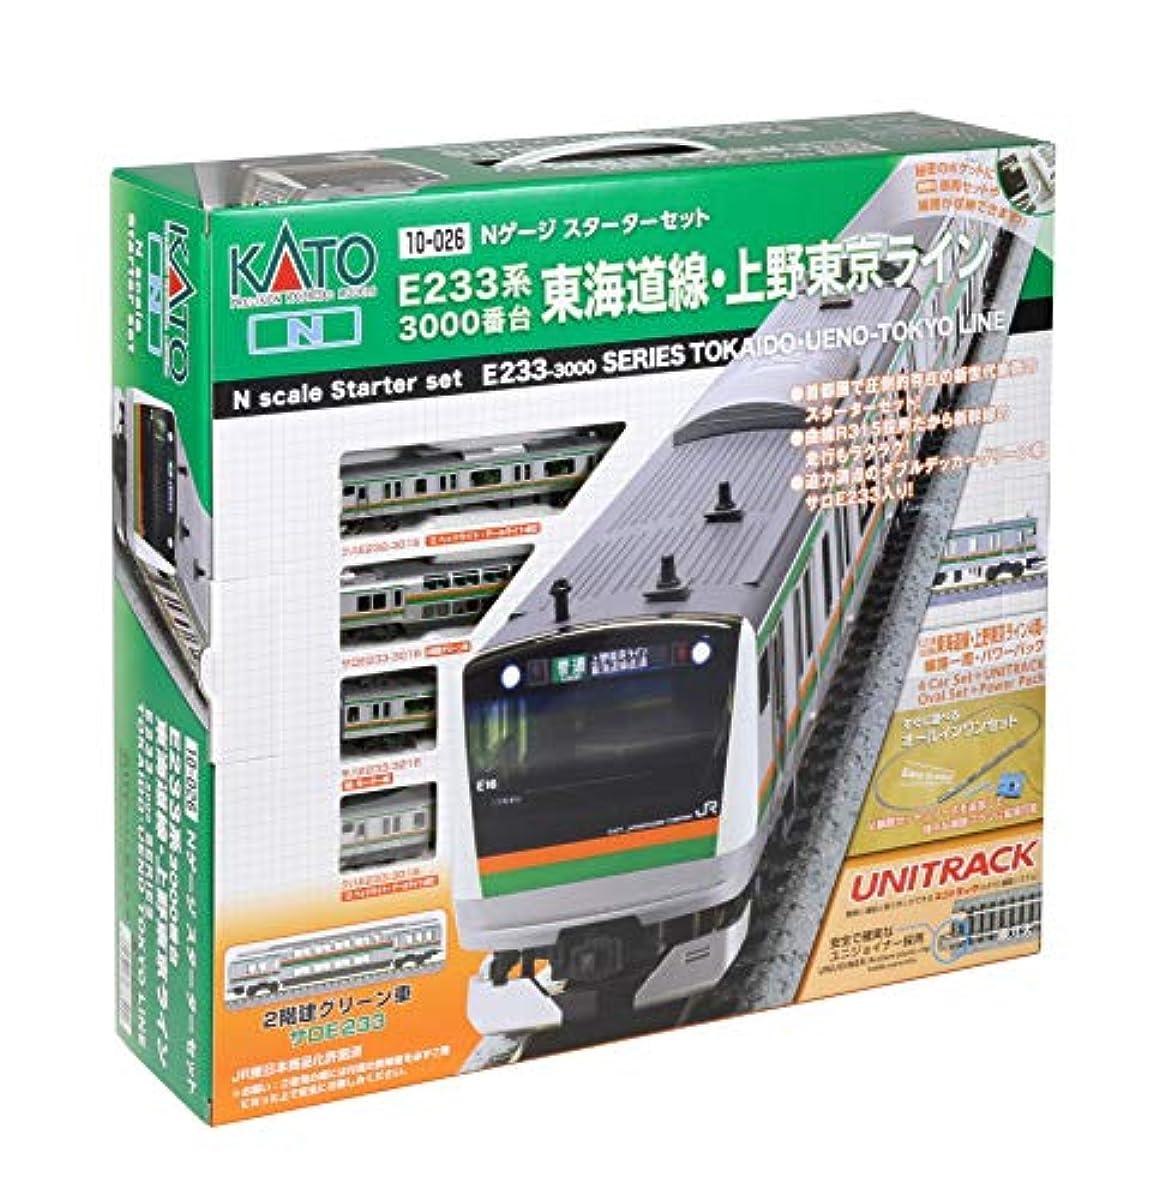 [해외] KATO N게이지 스타터 세트 E233 계3000카운터 토카이도선우에노 도쿄 라인 10-026 철도 모형 입문 세트